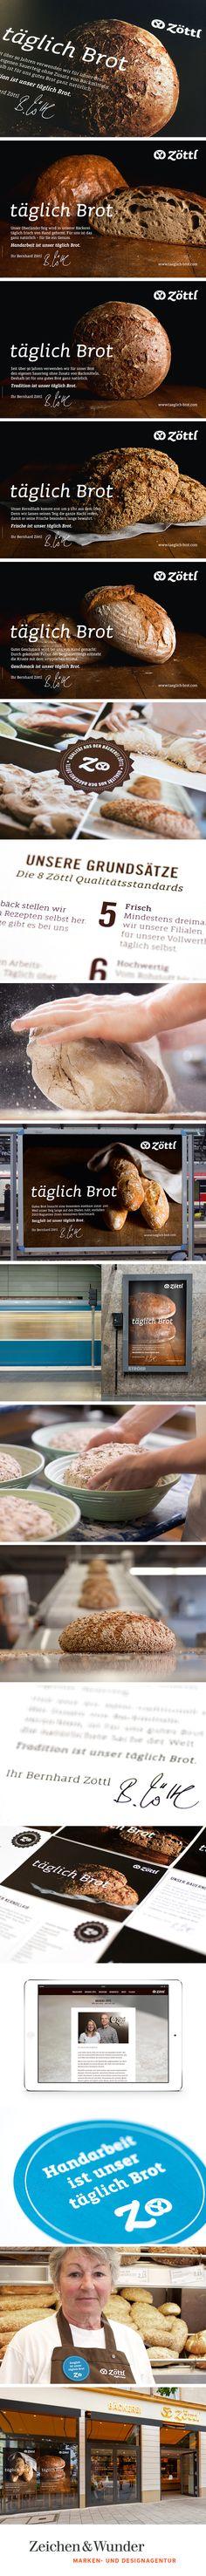 """BÄCKEREI ZÖTTL / Imagekampagne """"täglich Brot"""" / #Kampagne #Bauernlaib / by Zeichen & Wunder, München"""